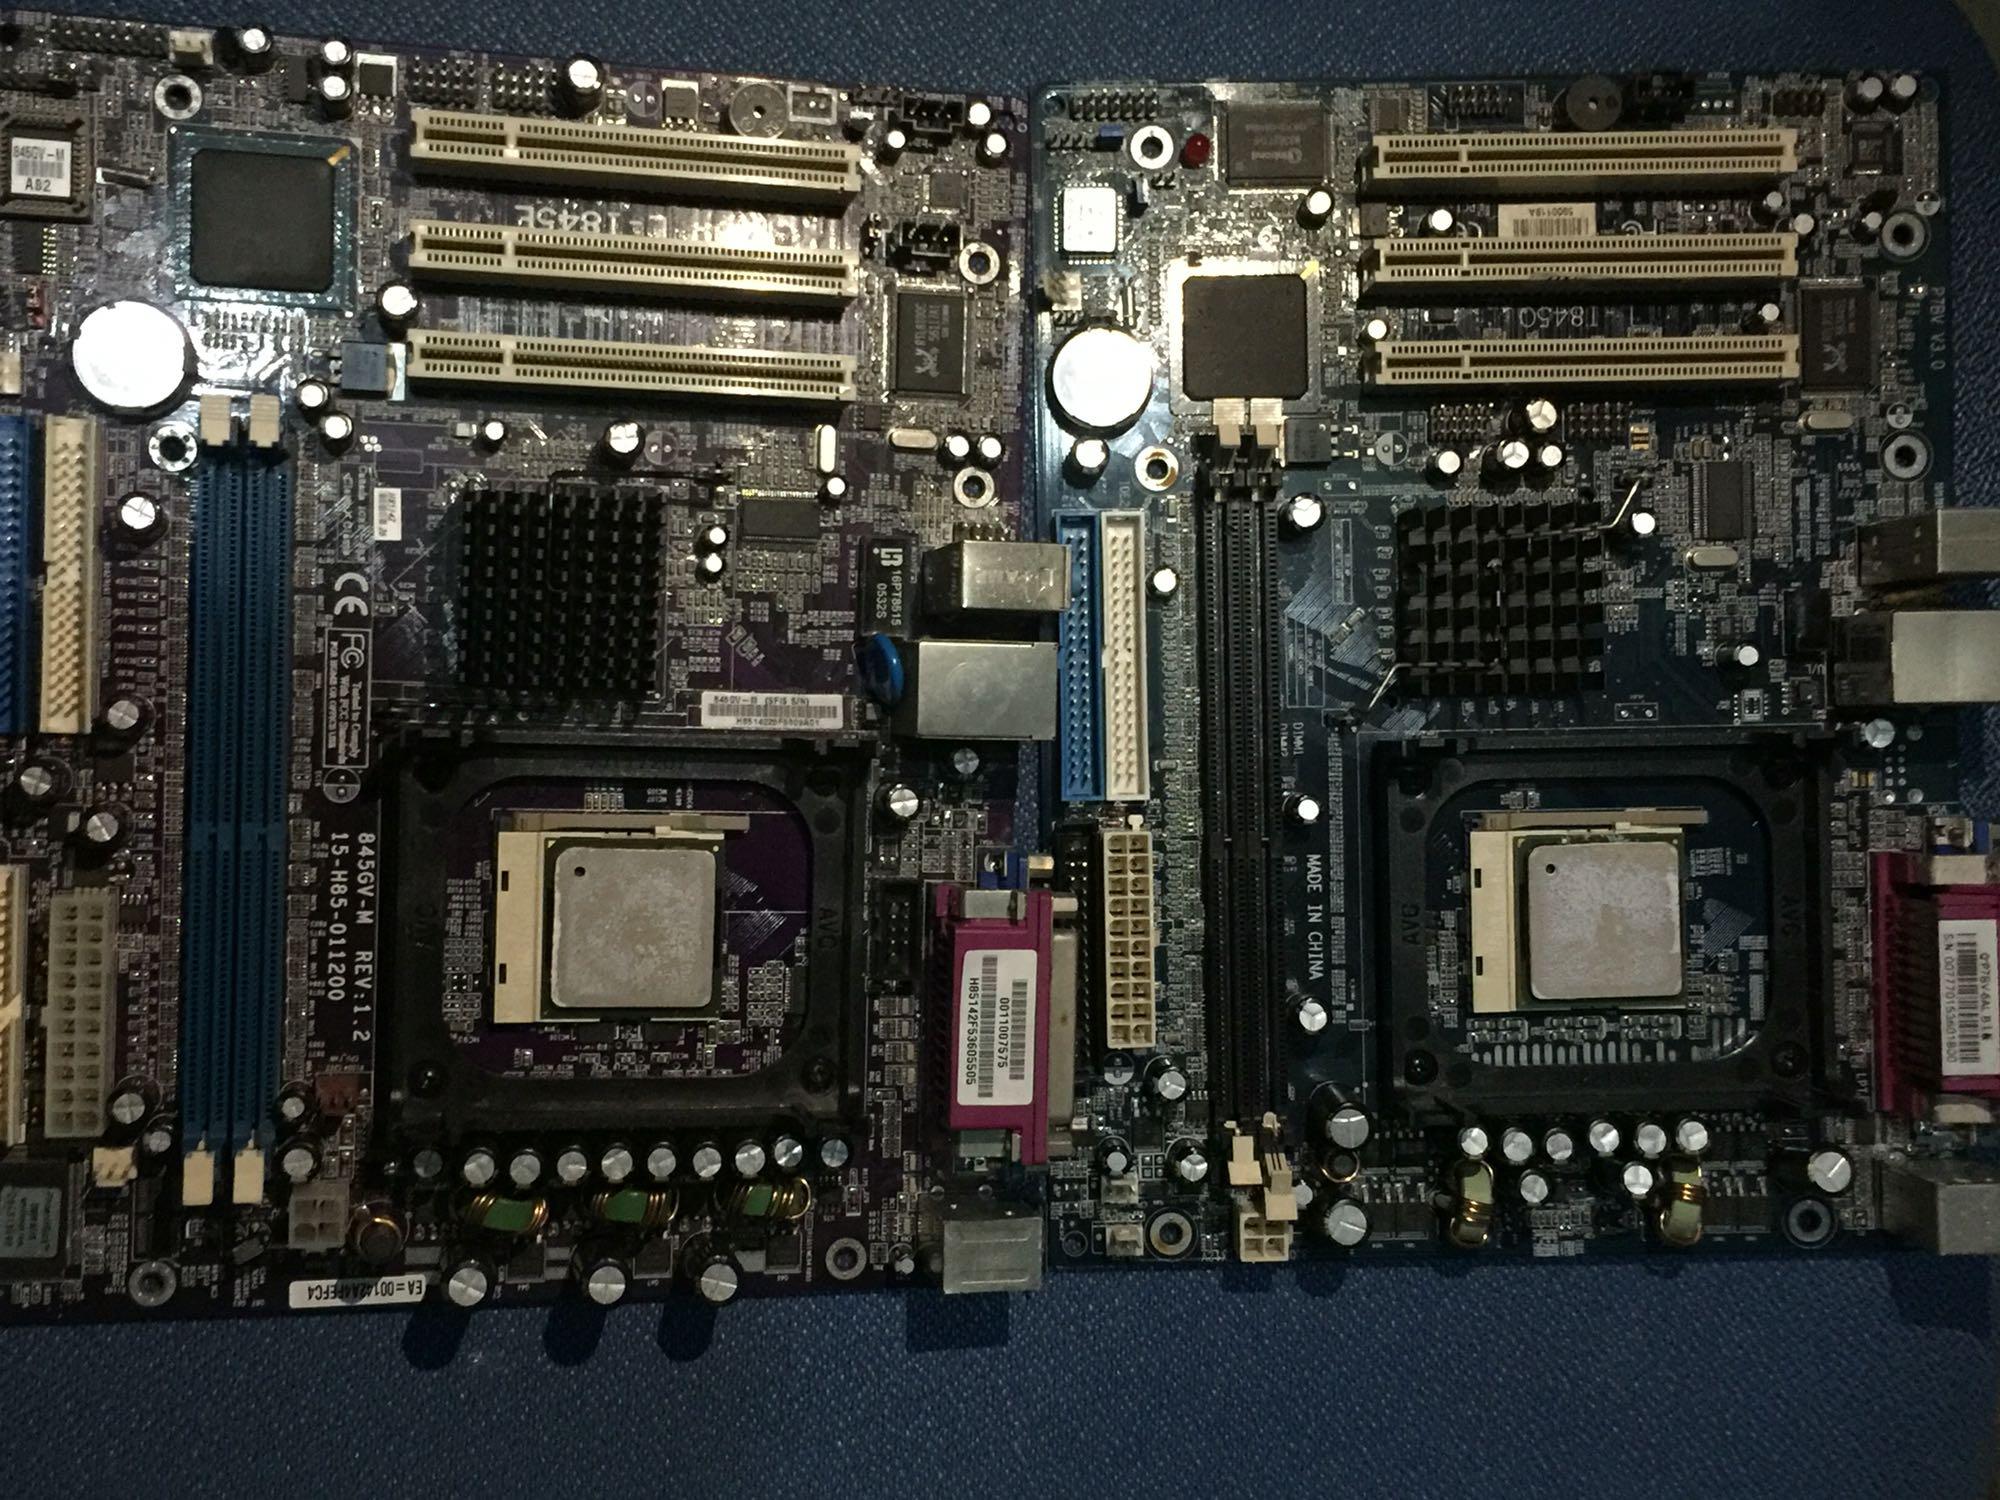 845主板 HL HF线切割主板 865主板 915主板 8601主板 810主板 478